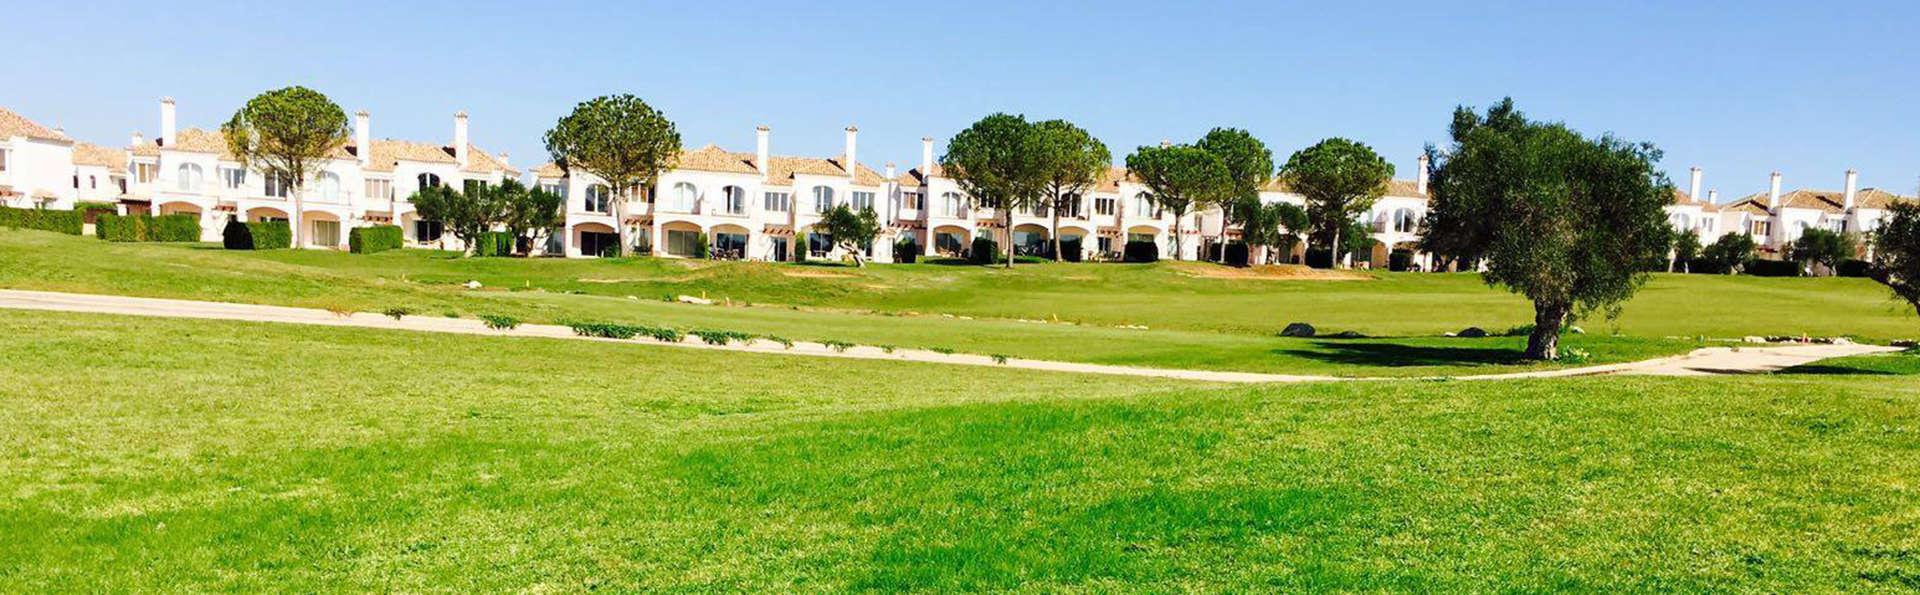 Arcos Golf Hotel Cortijo y Villas - EDIT_front2.jpg